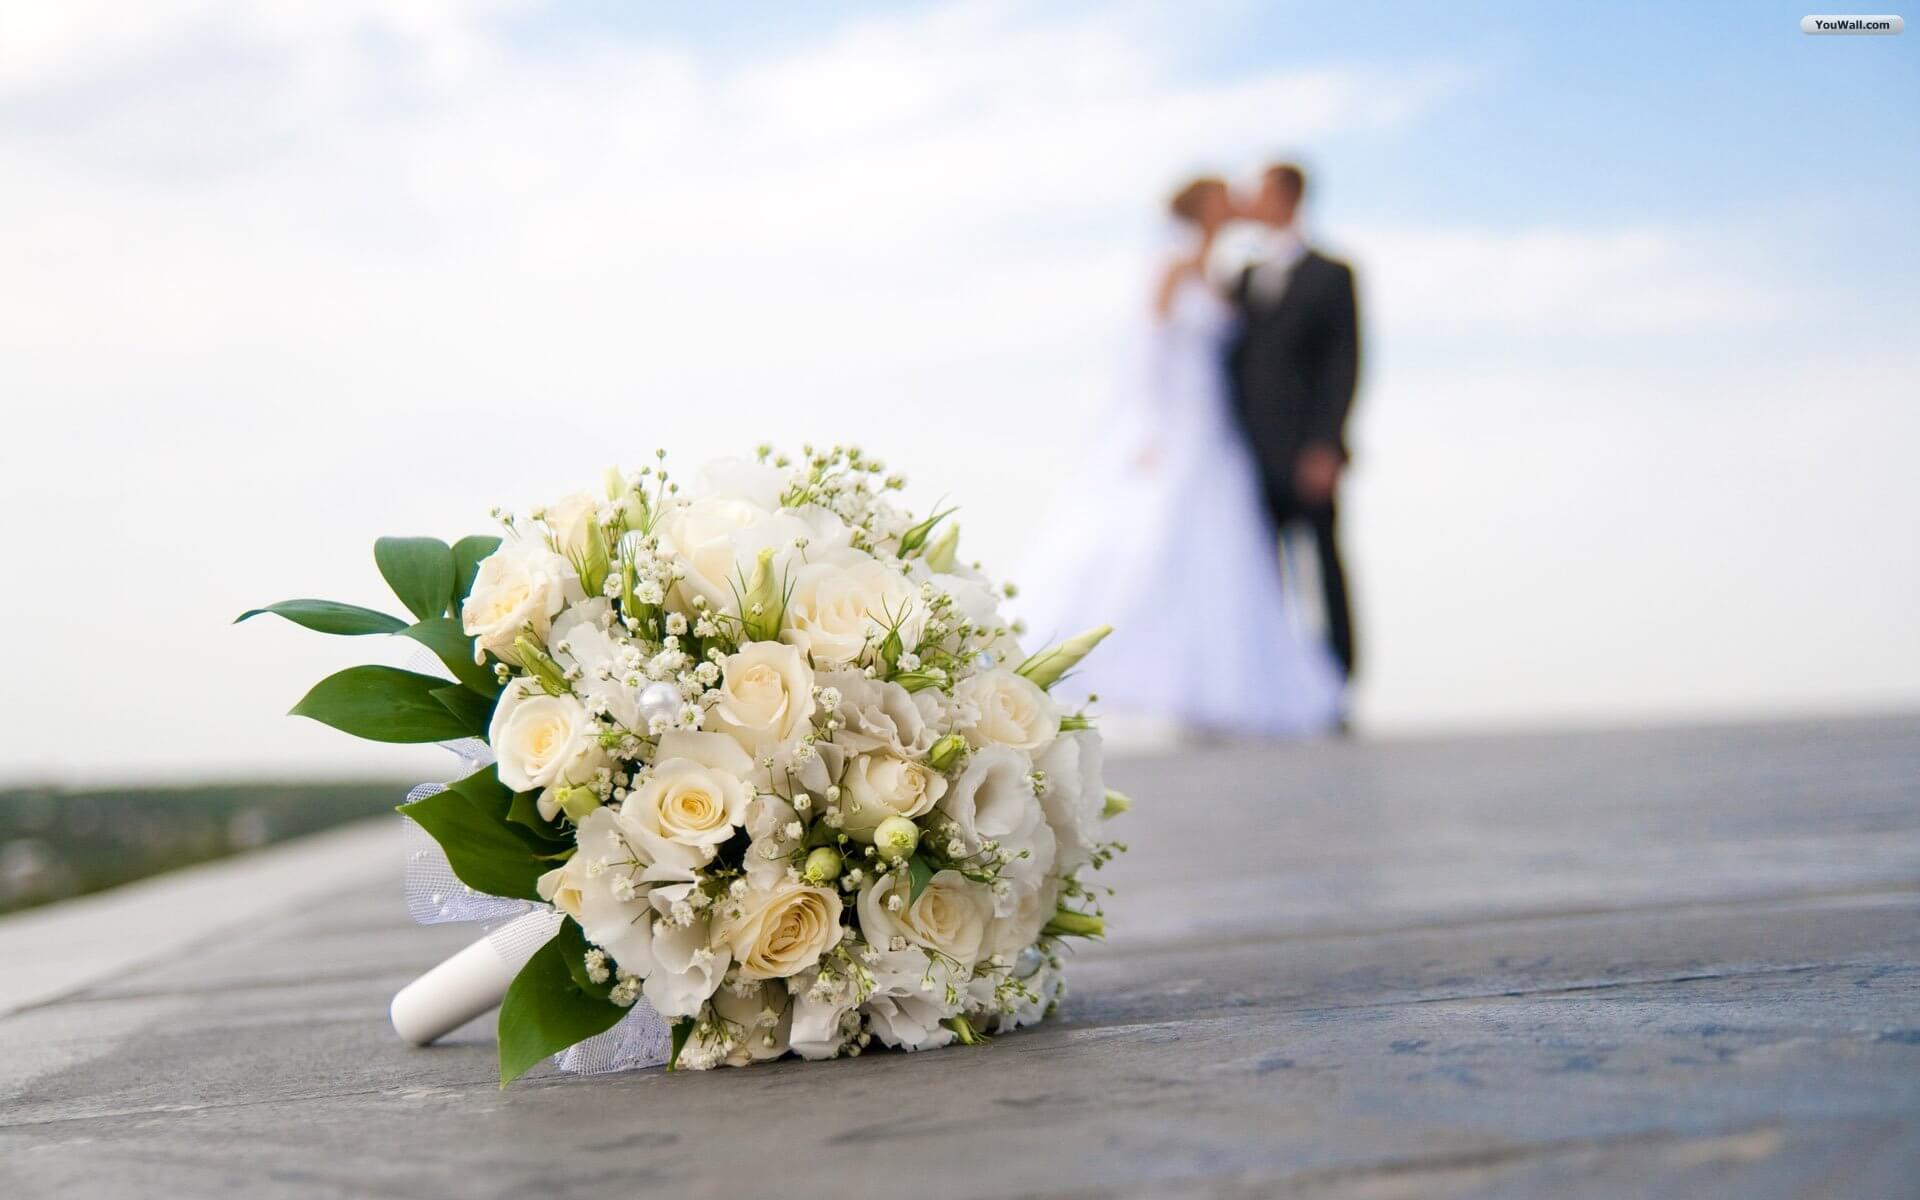 Plus de 230 000 mariages chaque année